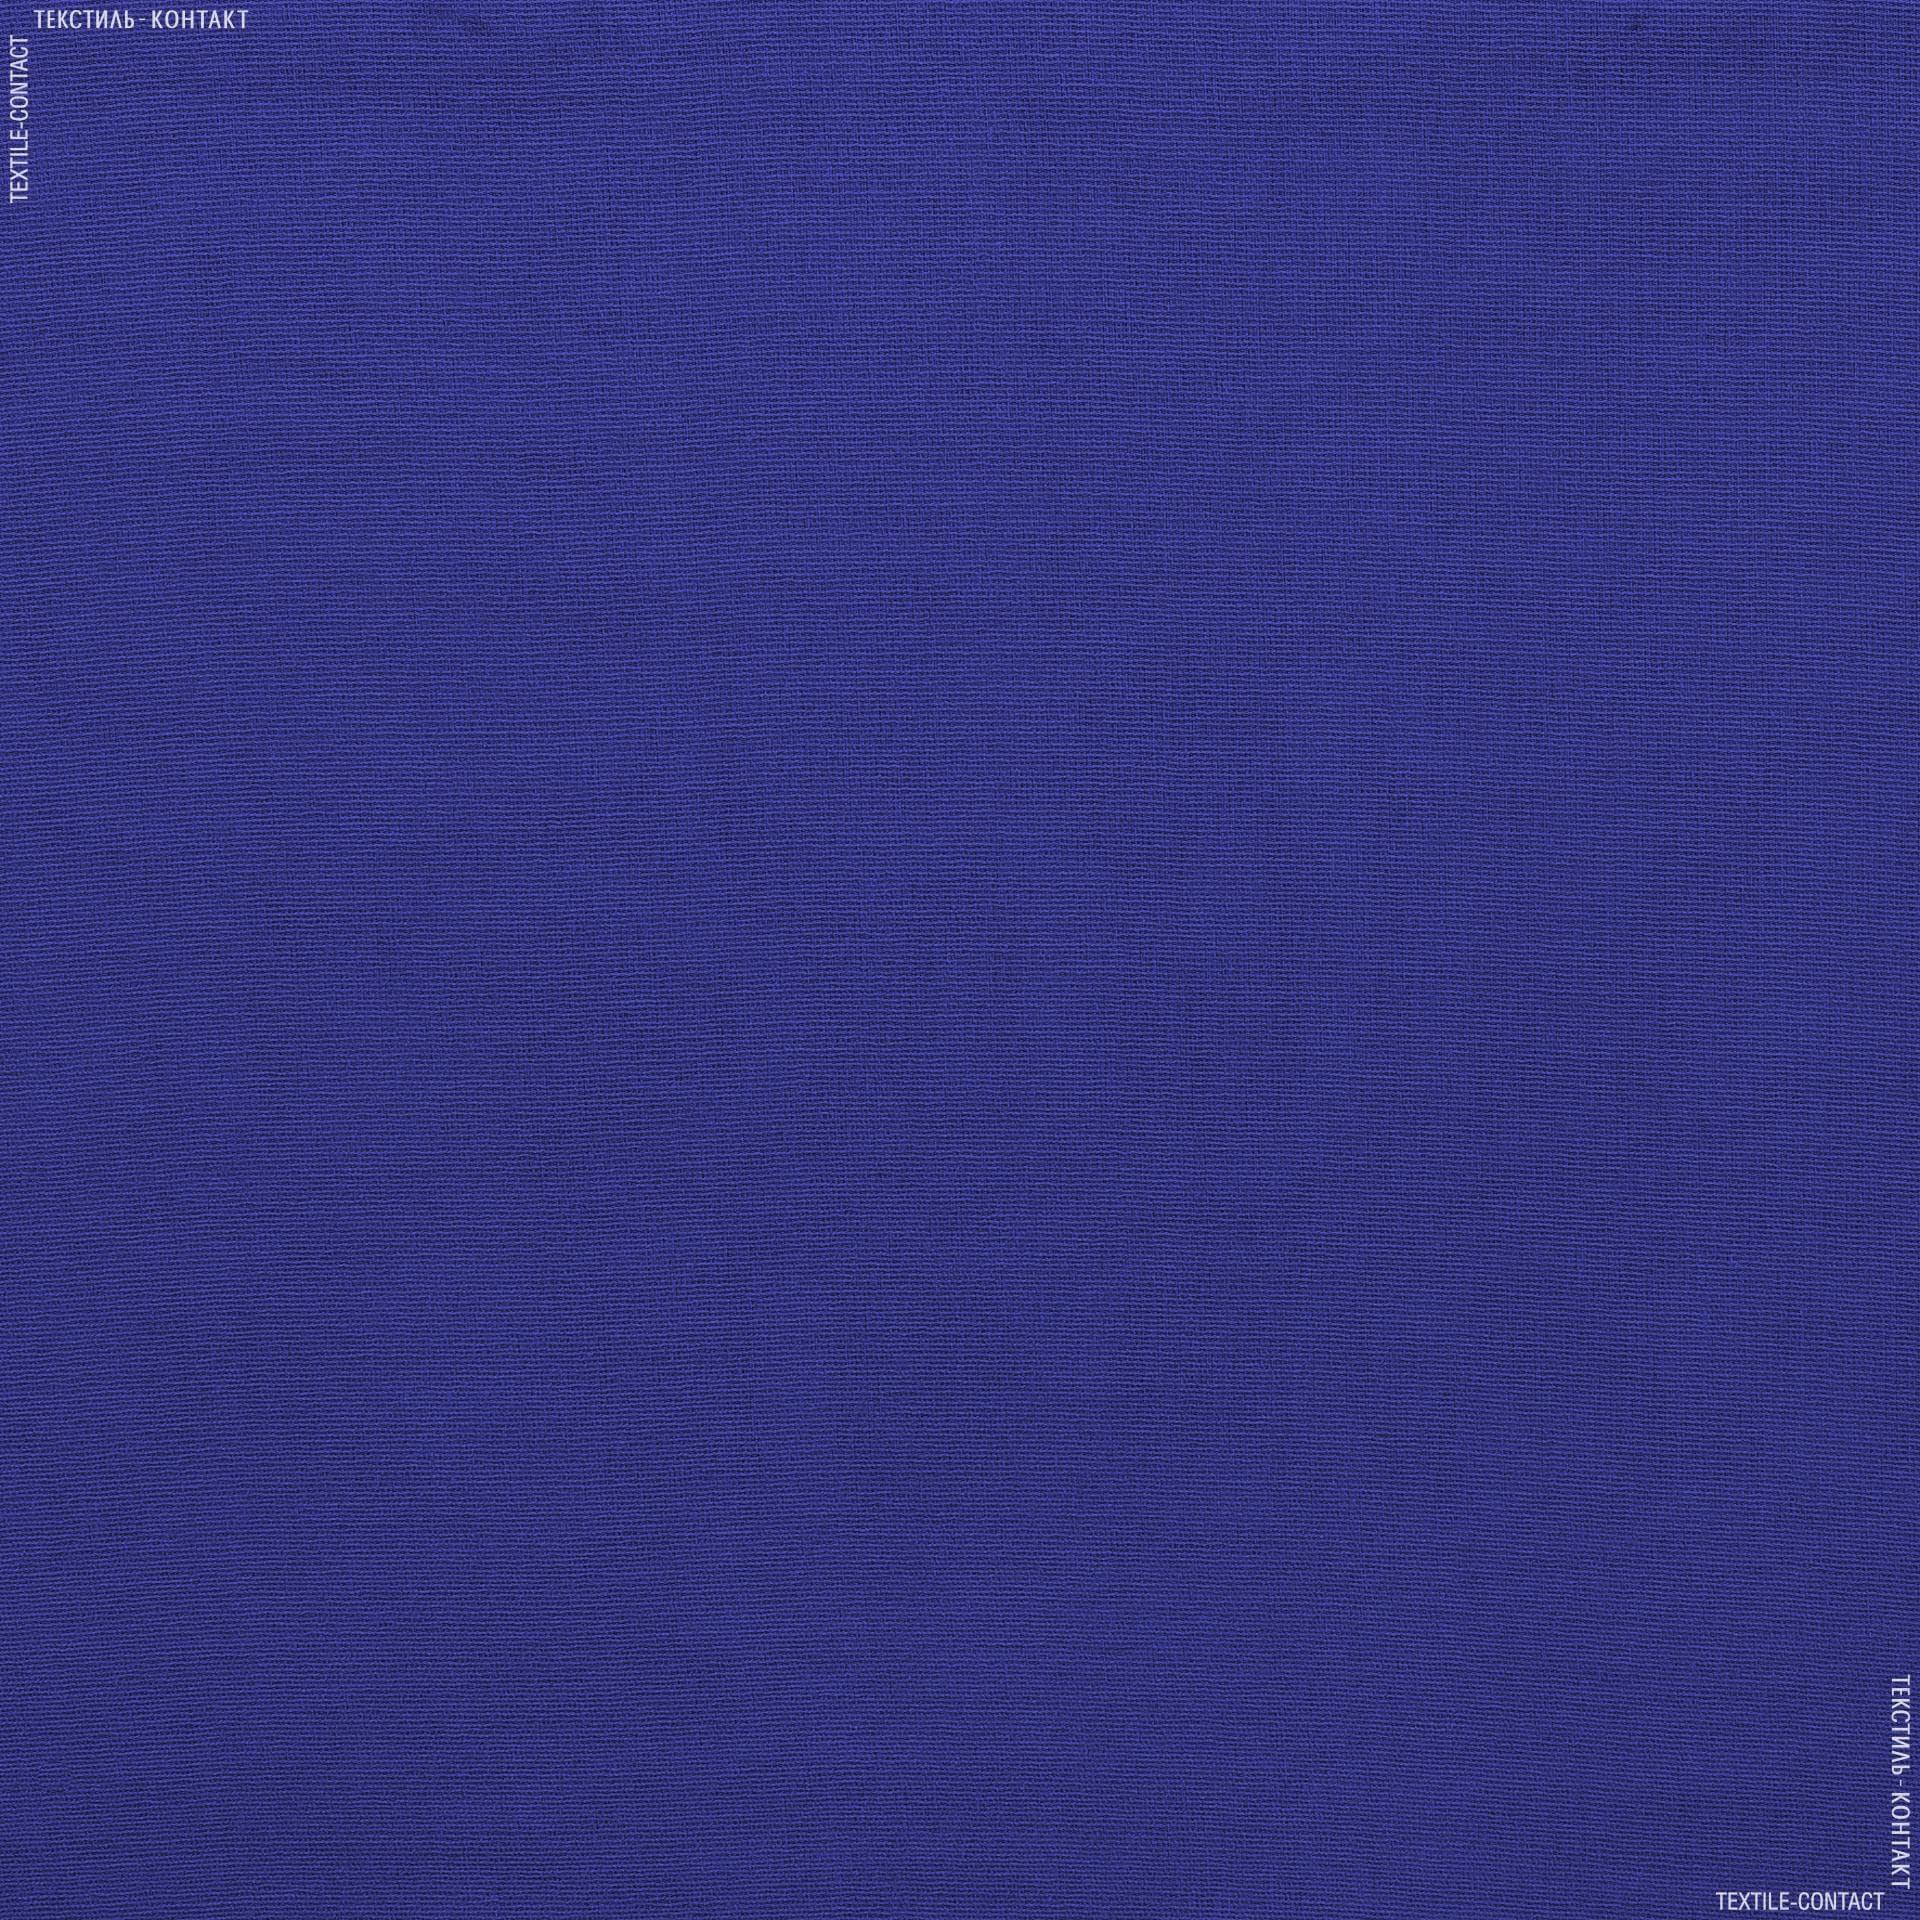 Тканини для дитячого одягу - Ситец синій